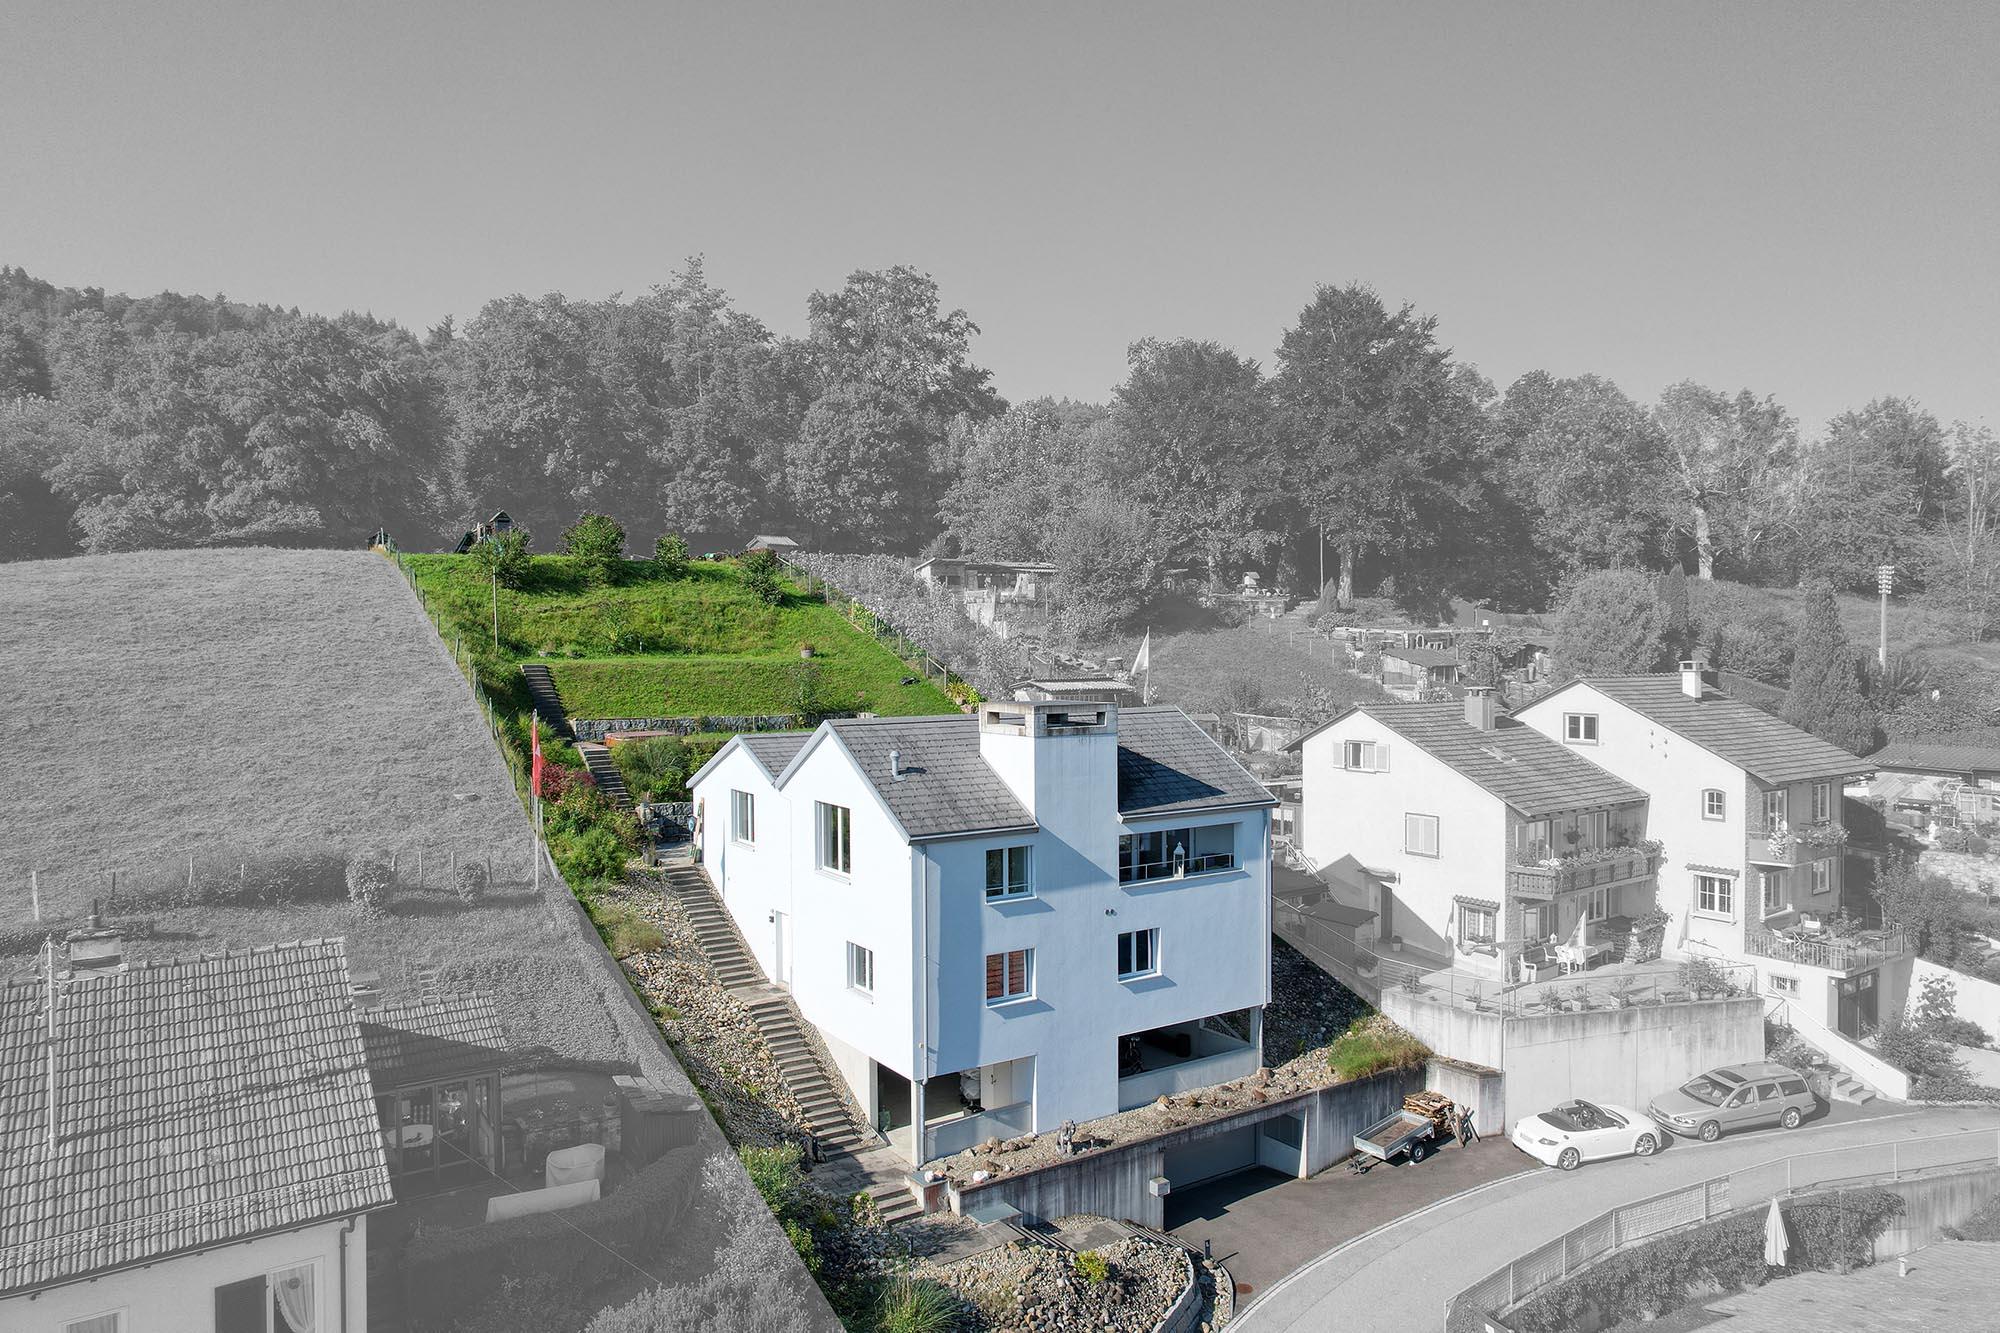 Das Einfamilienhaus ist freistehend und bietet einer Käuferin oder einem Käufer viel Privatsphäre.